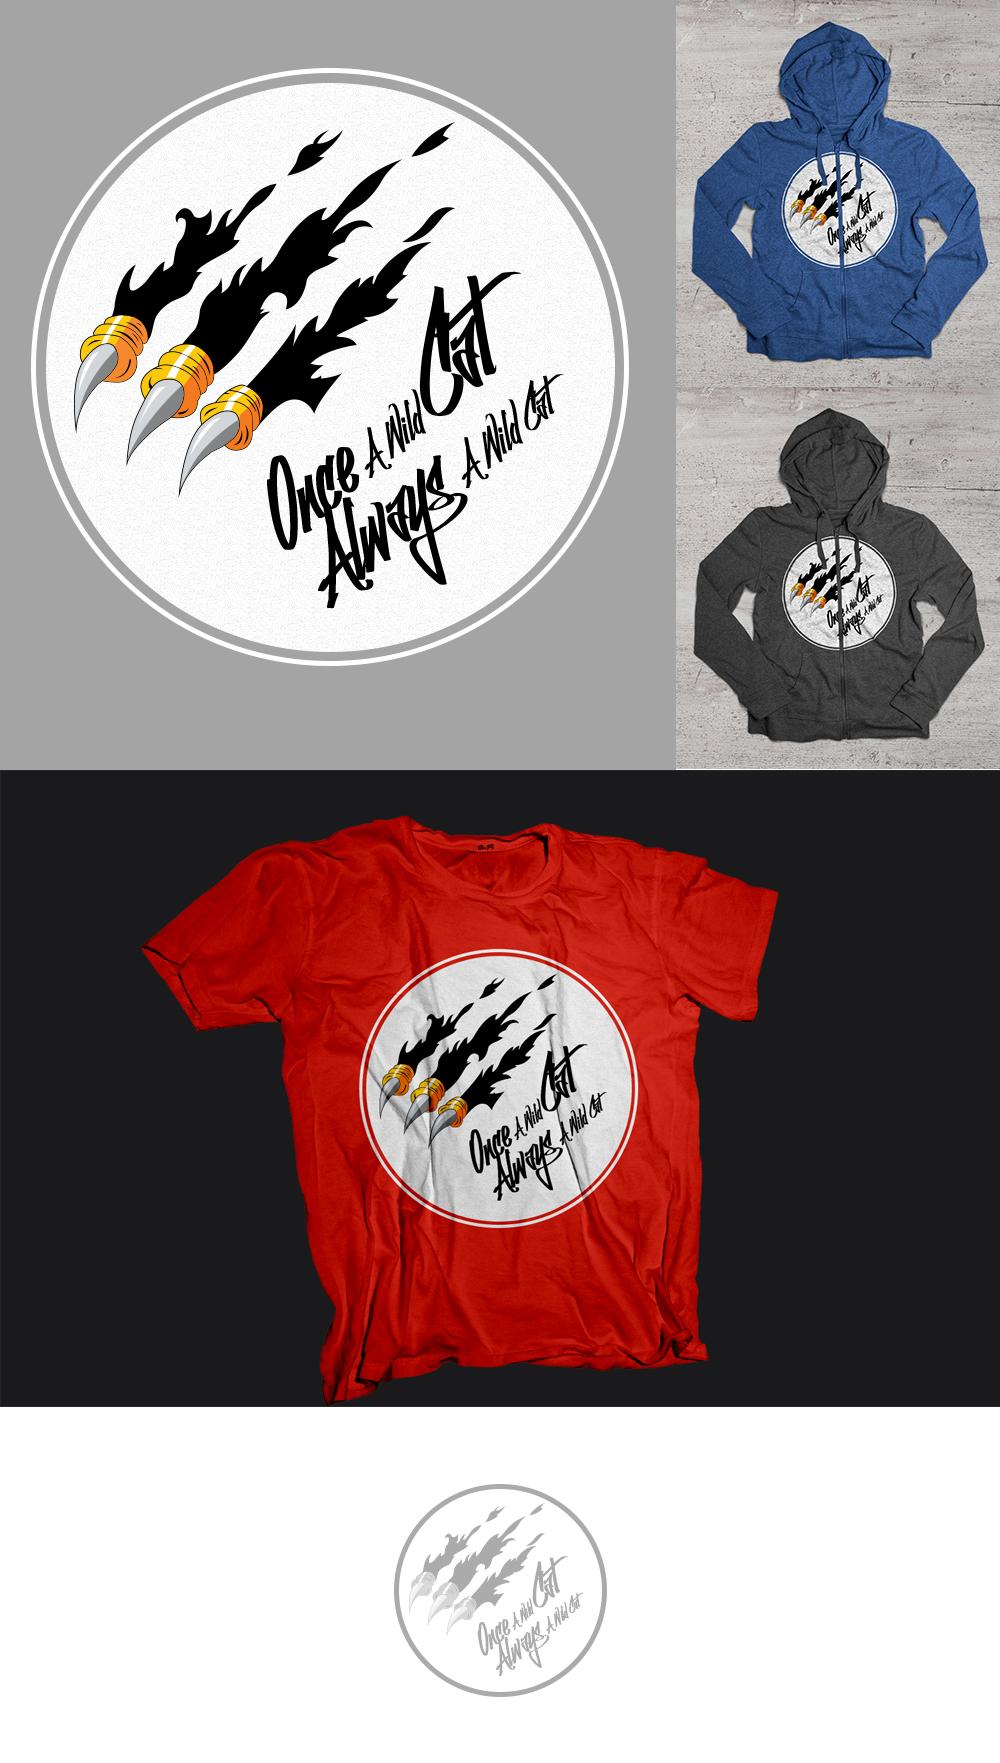 Winning-T-shirt-Design-Rocky-Recherche